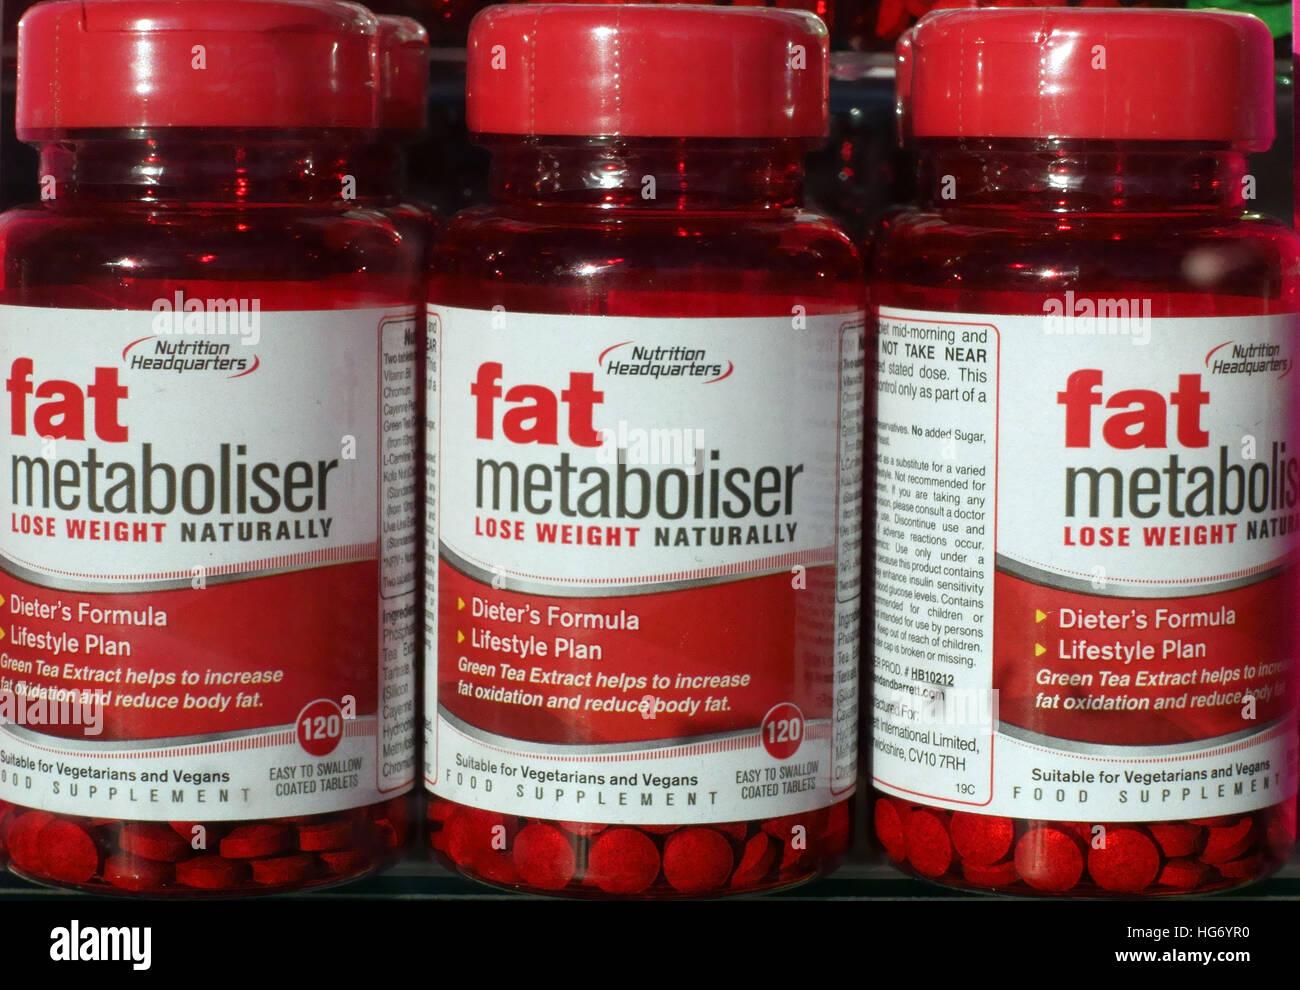 Flaschen von Fat Metaboliser Gewicht Verlust Tabletten, London Stockbild